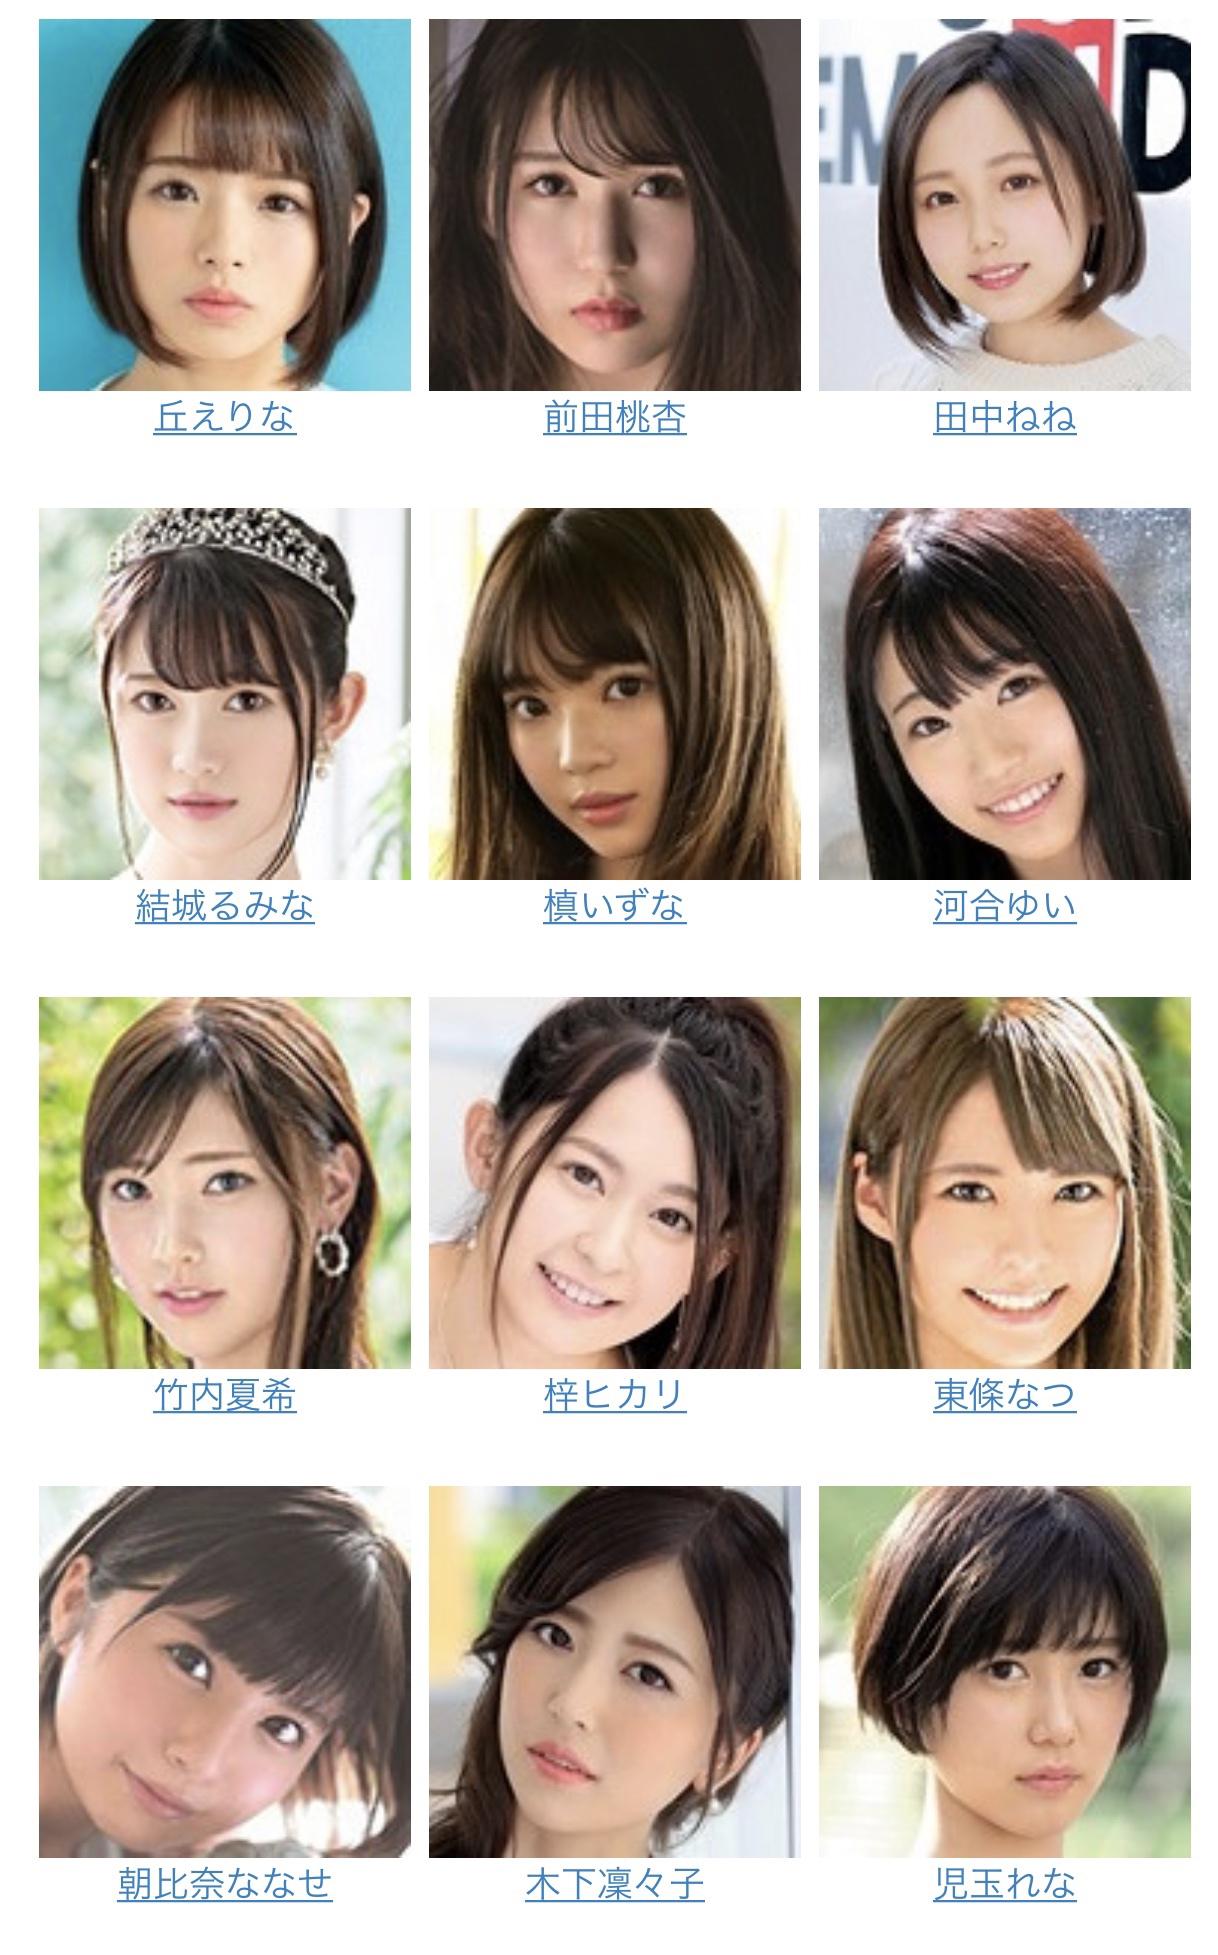 【画像】2020年デビュー新人AV女優がこちら レベル高すぎワロタww